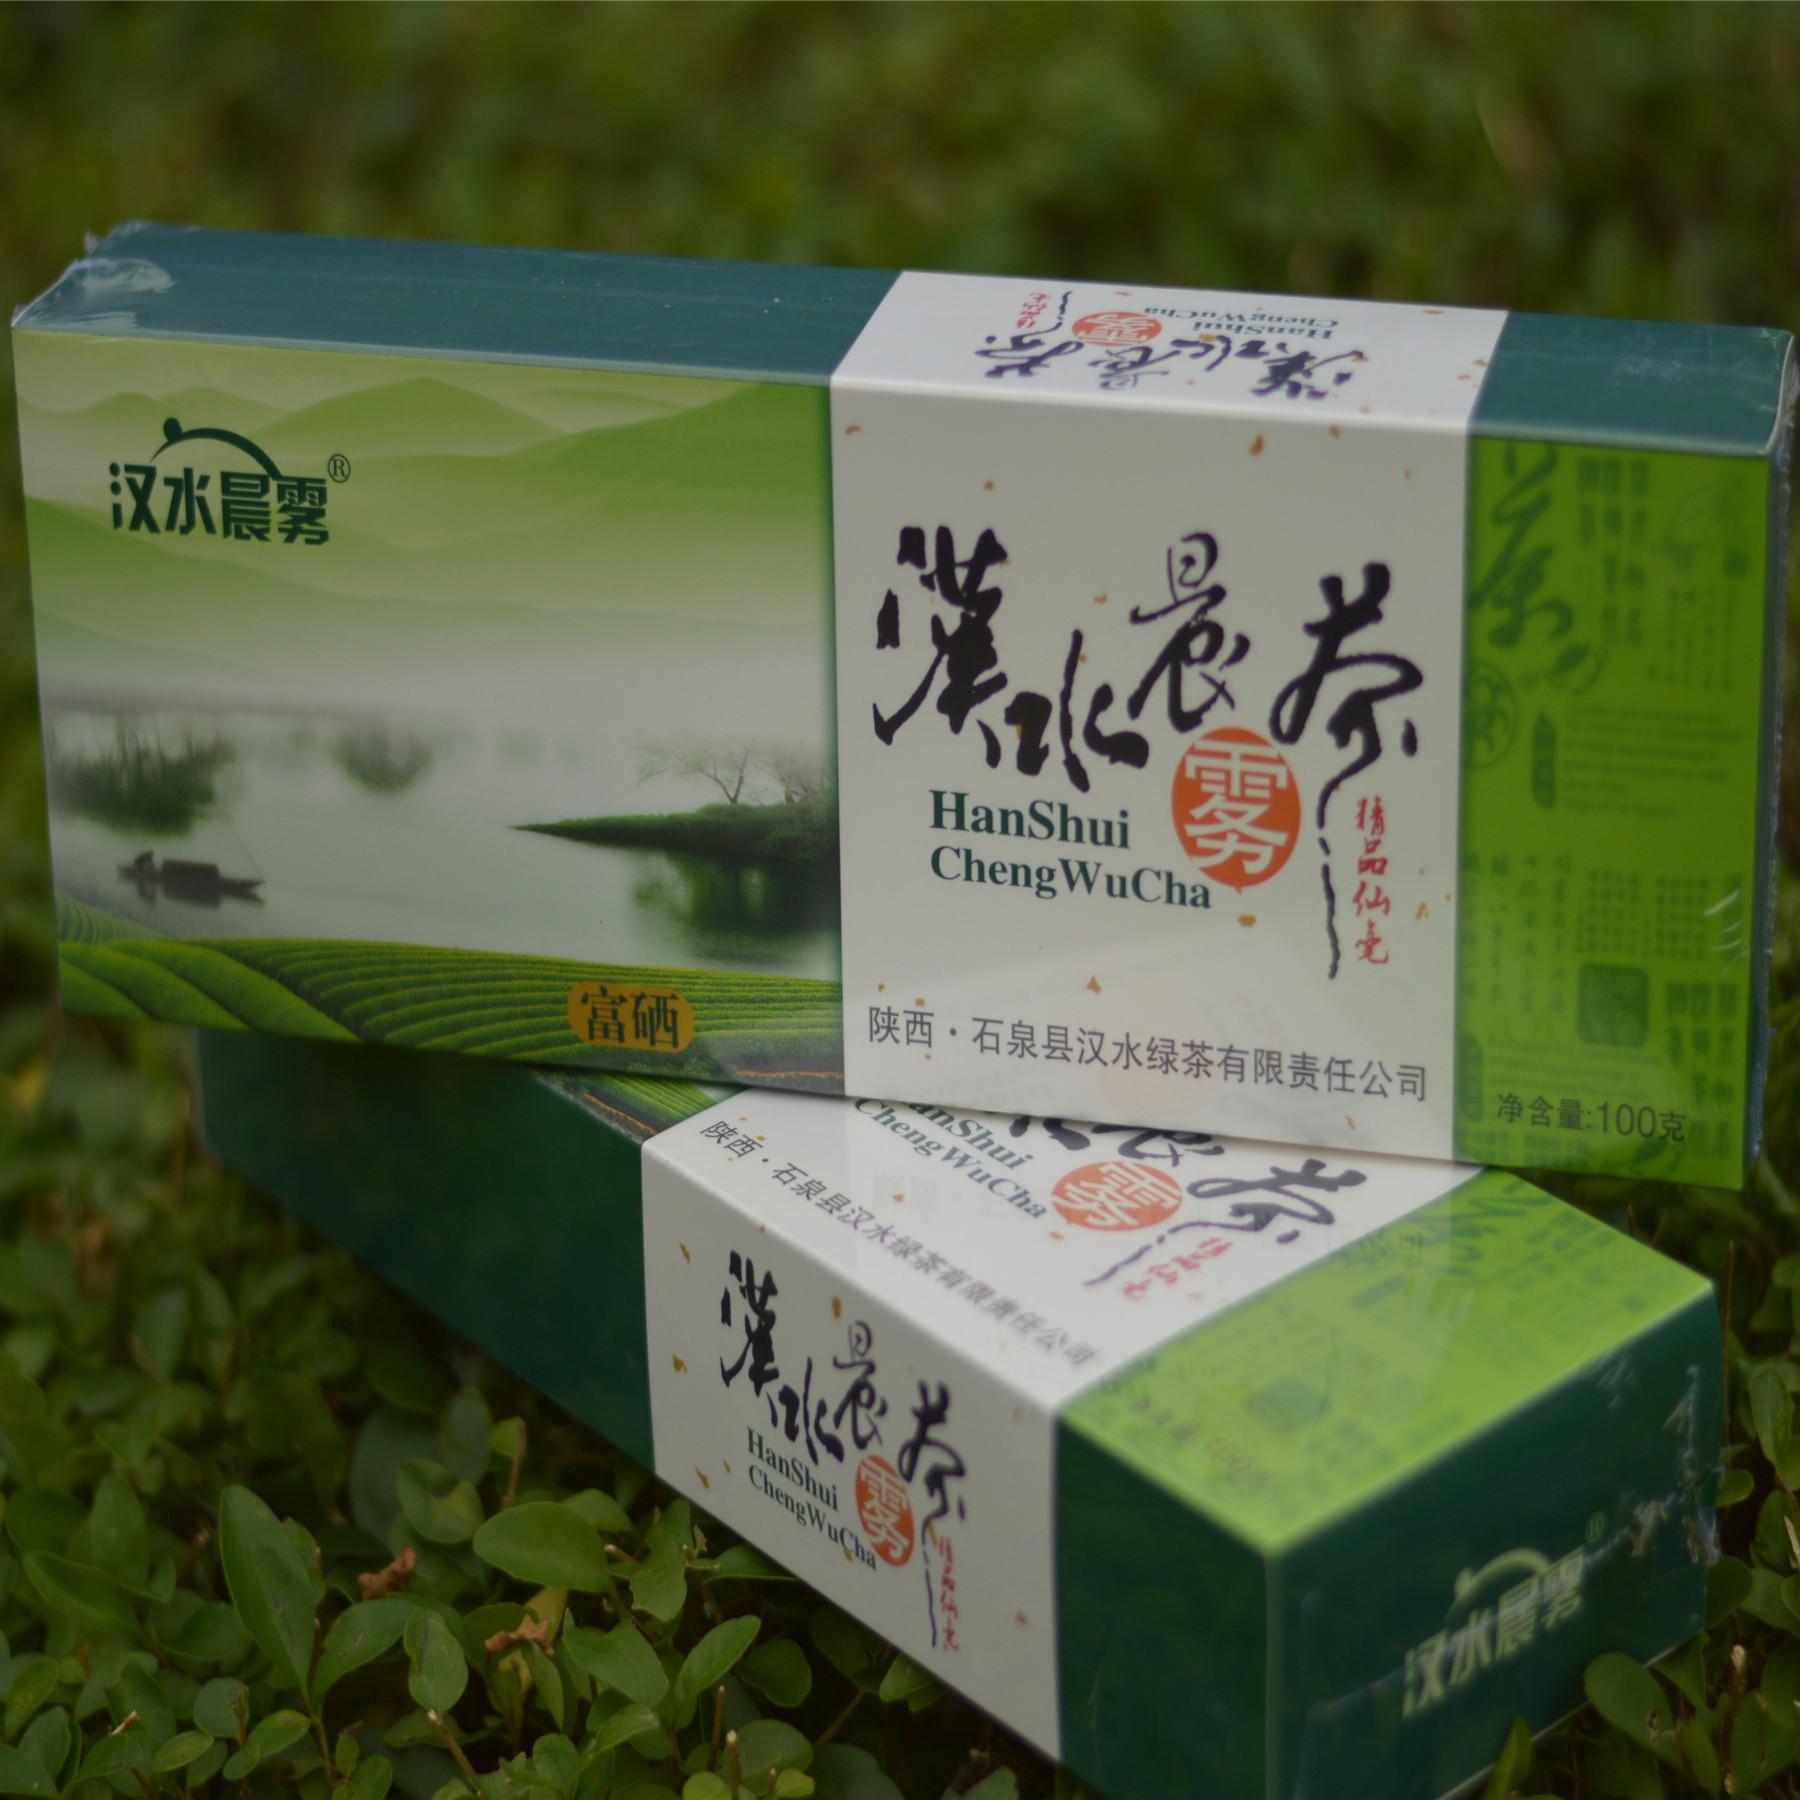 烟条礼盒绿茶,2018年新上市明前茶,毛峰,绿茶,炒青